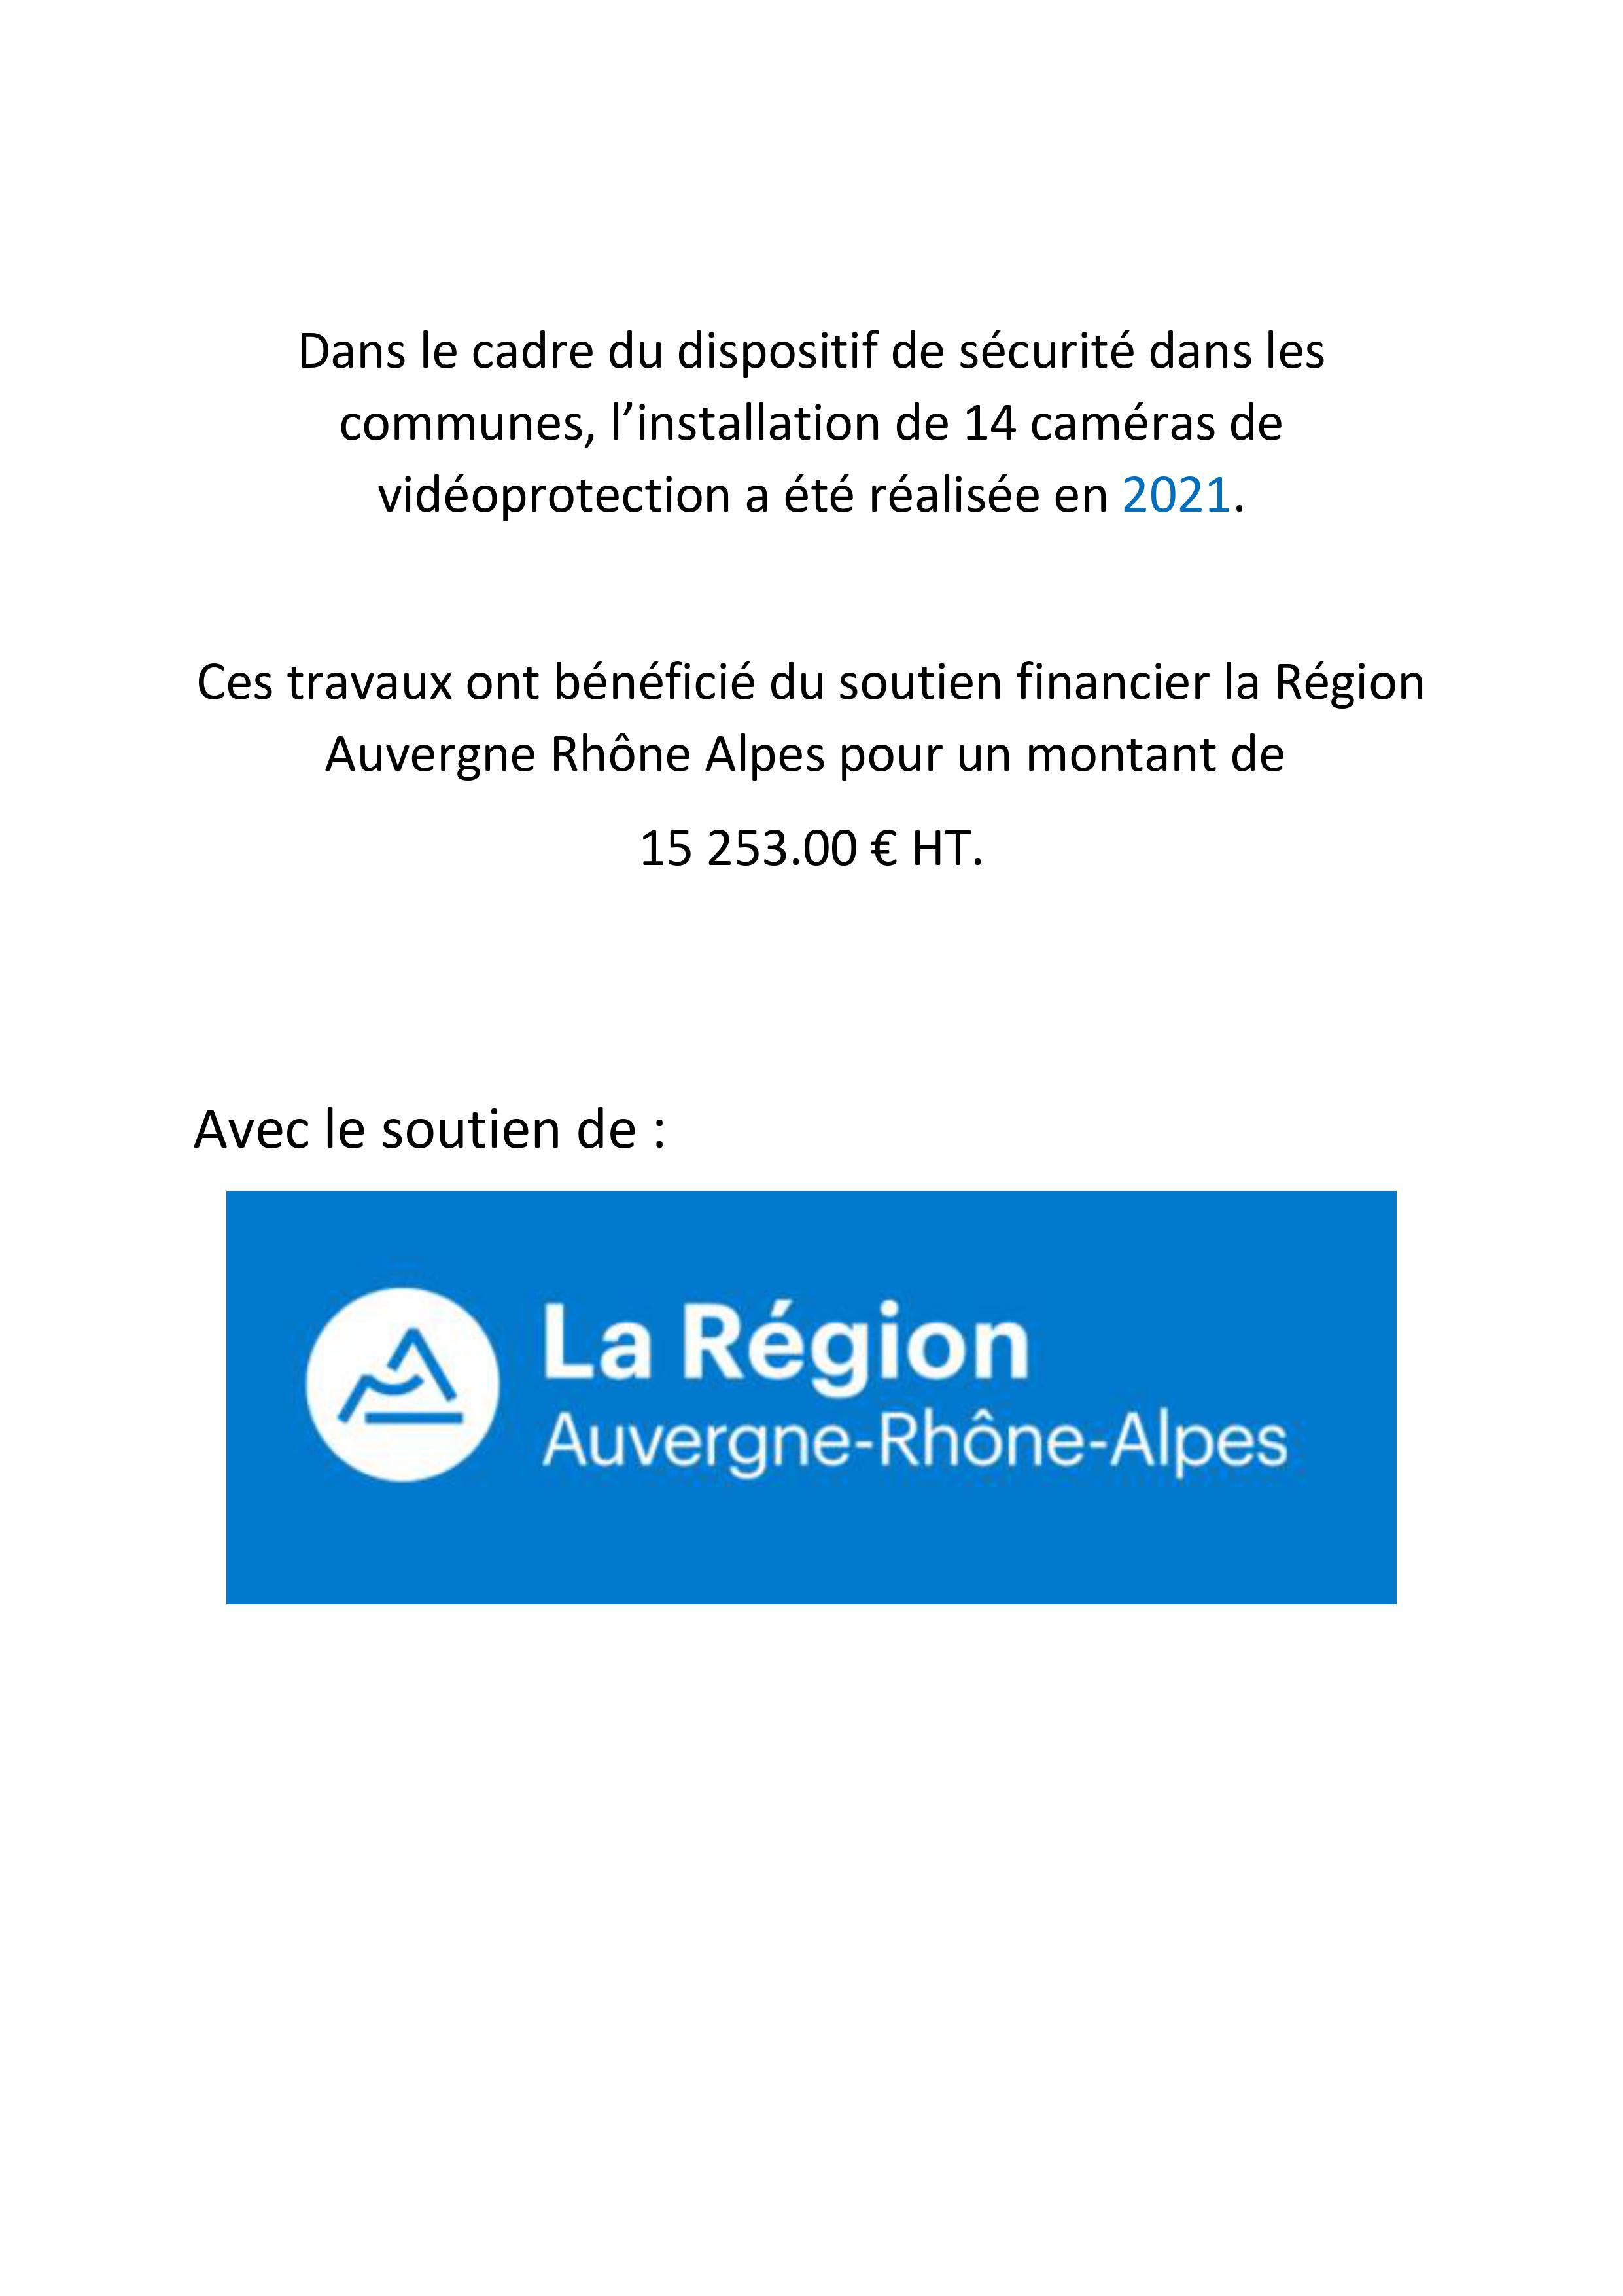 Vidéoprotection 2021 - Communication Soutien Région.jpg